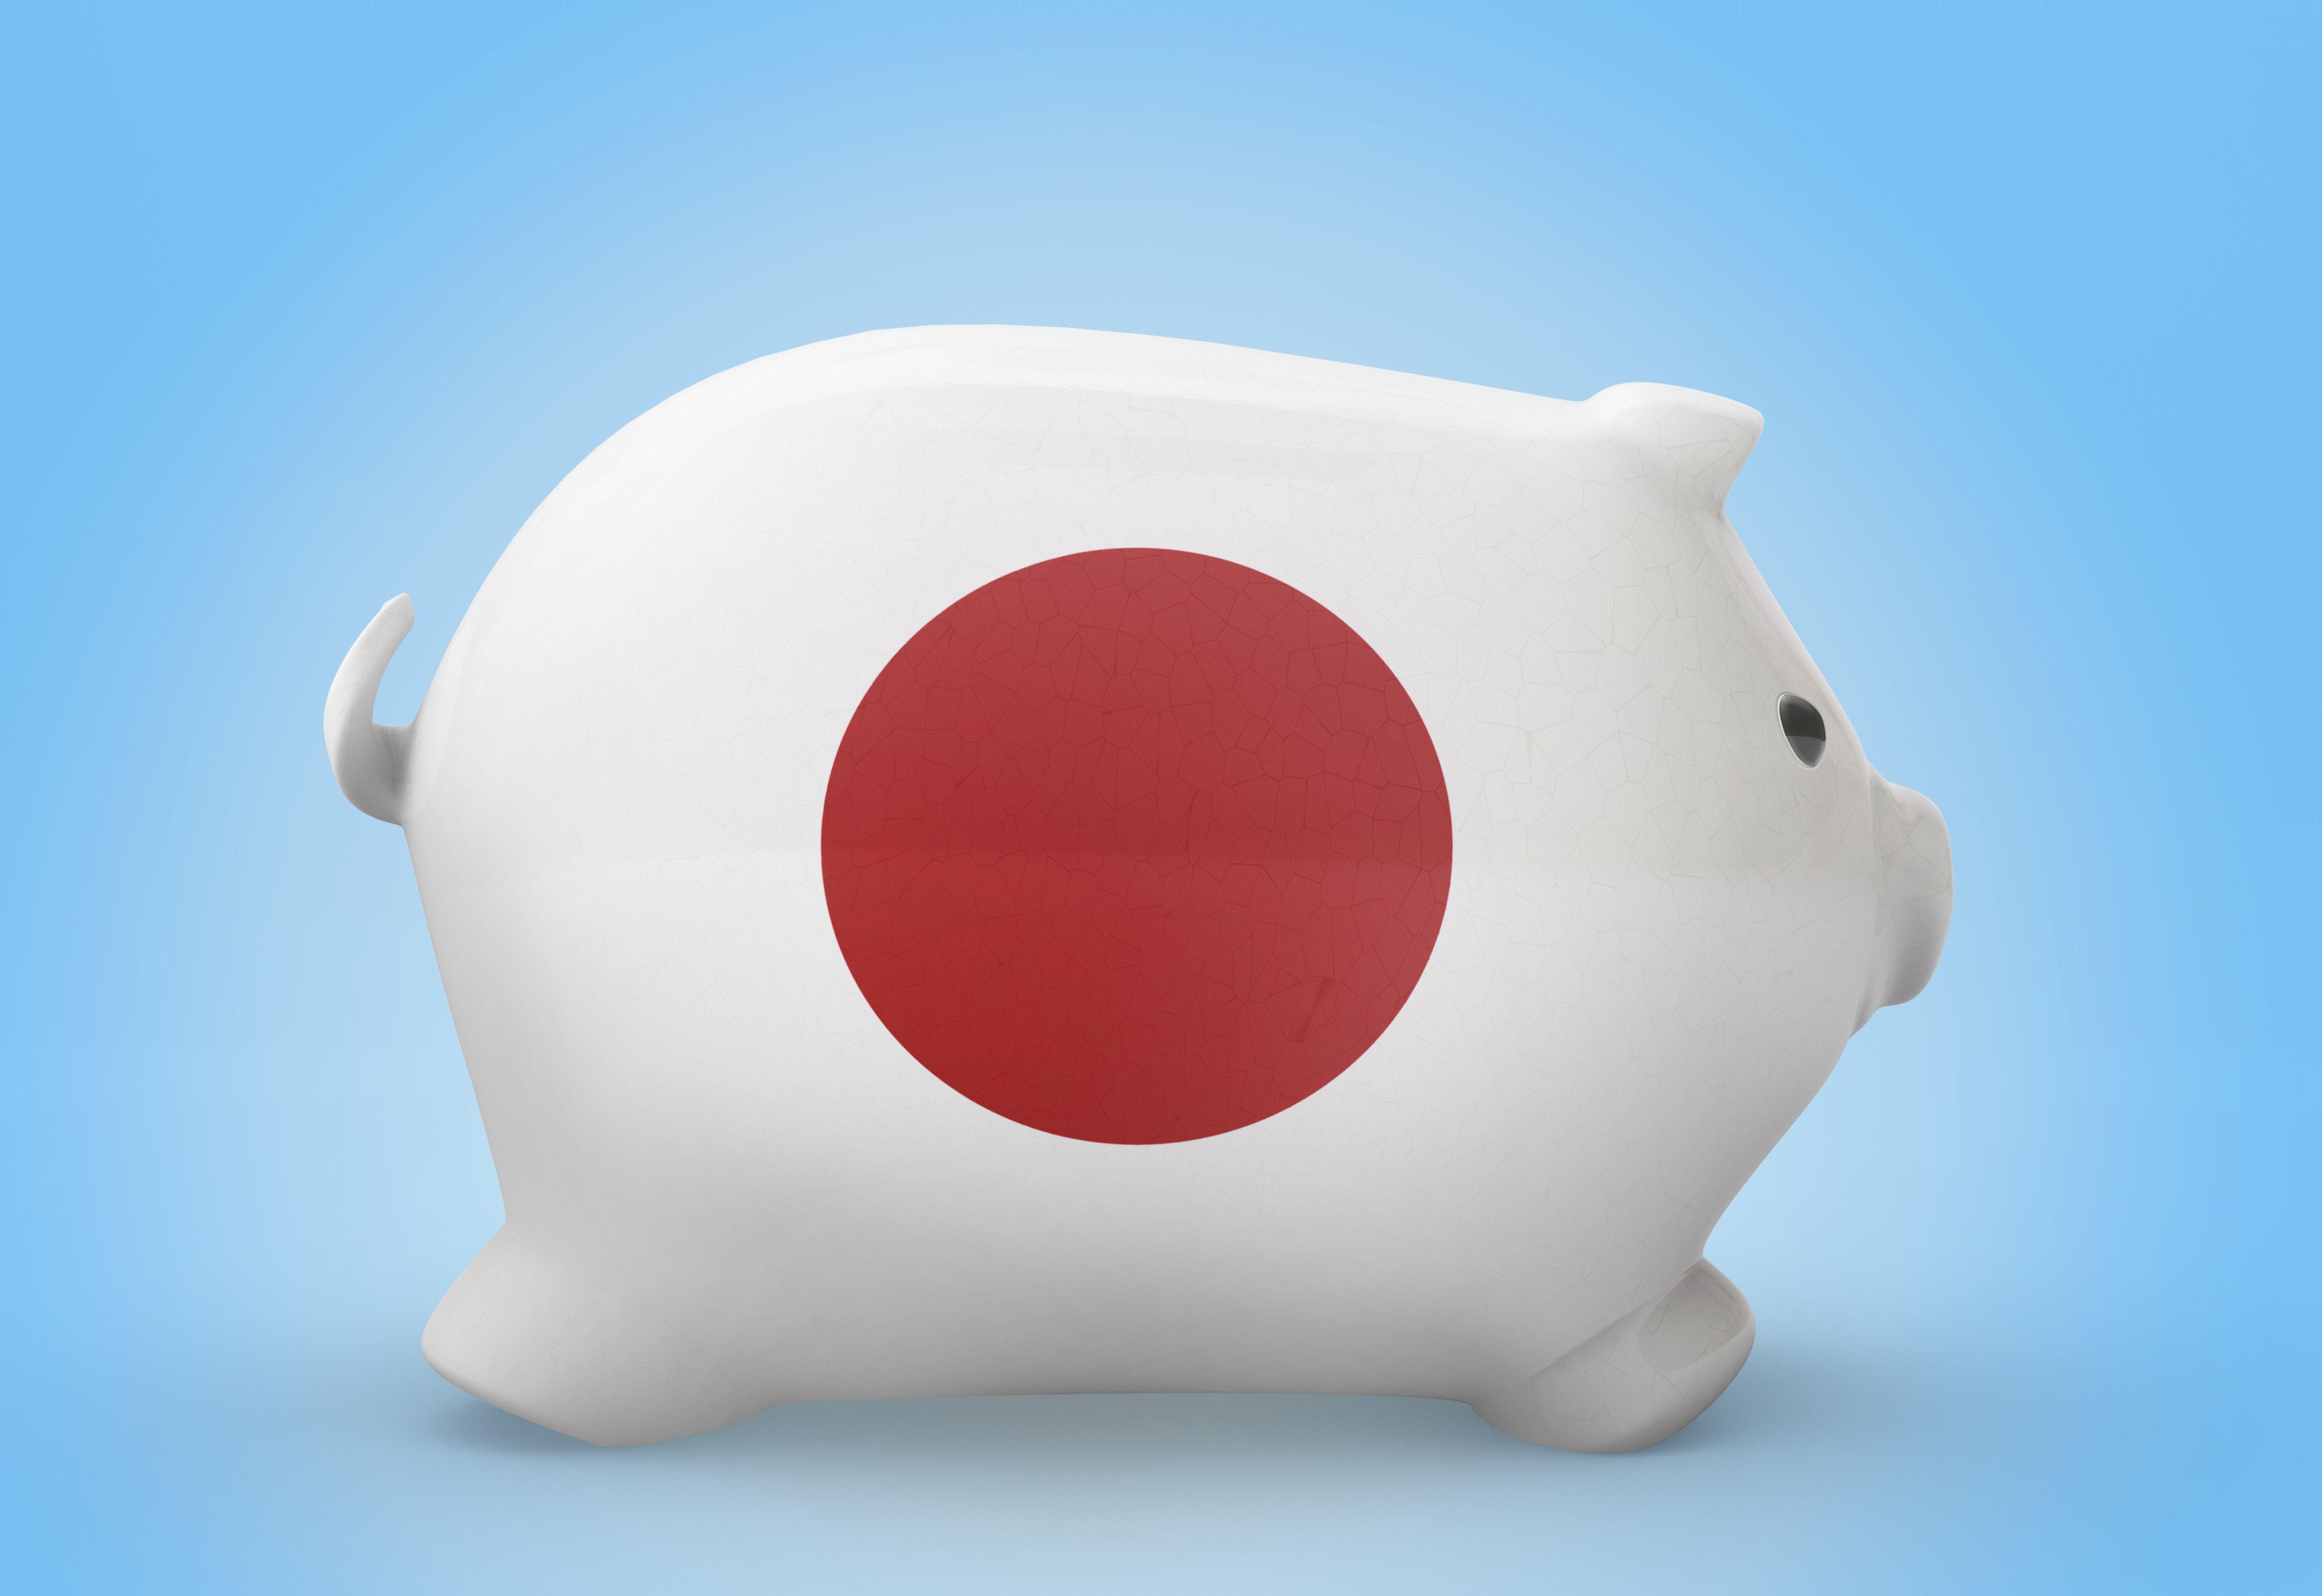 Japonai susidom�jo lietuvi�komis paskolomis